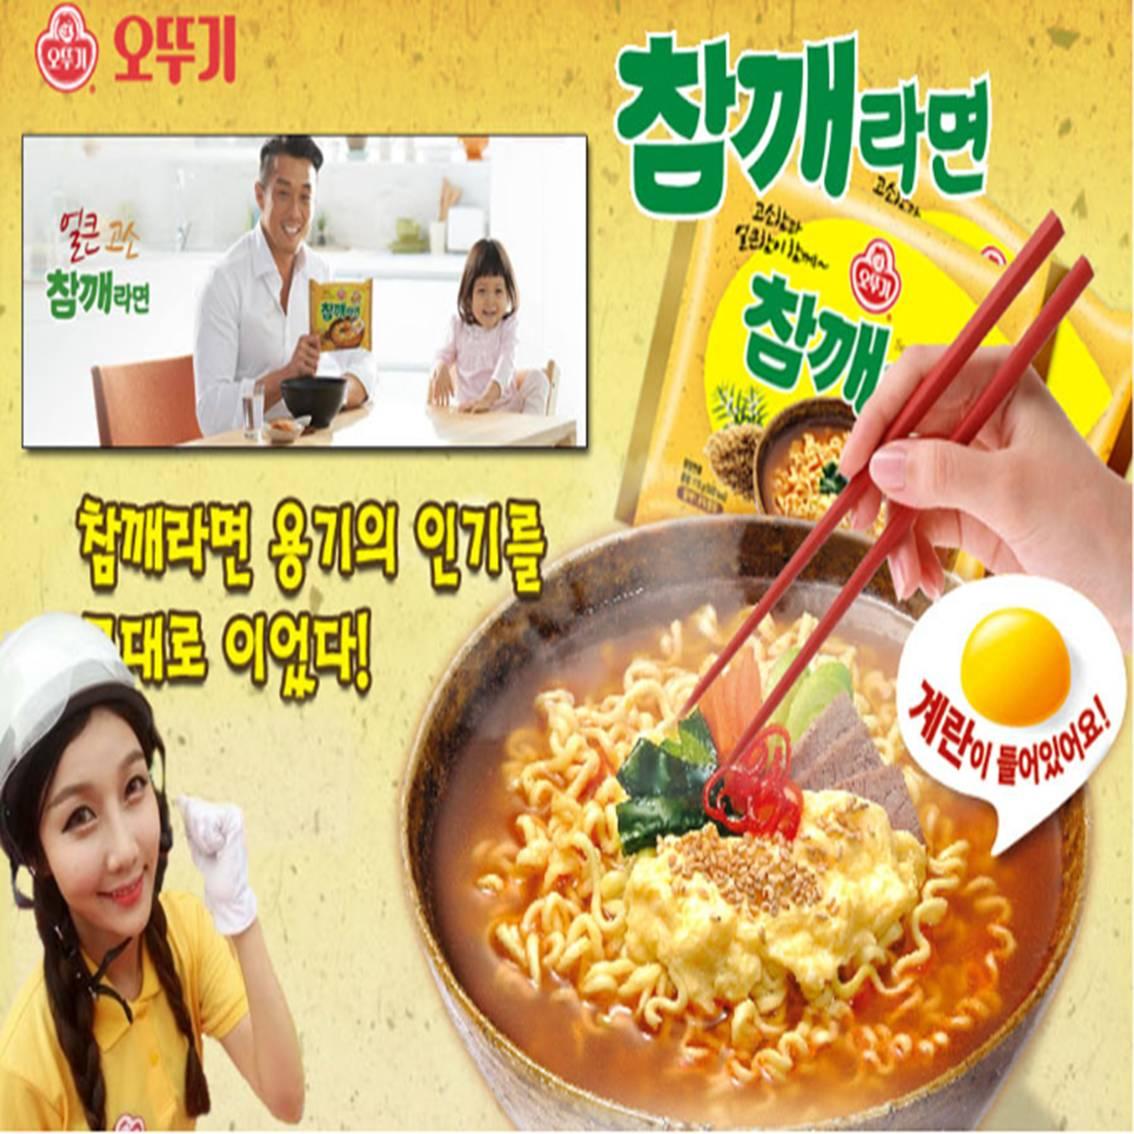 【$39】韓國OTTOGI不倒翁 芝麻風味拉麵 泡麵  【樂活生活館】